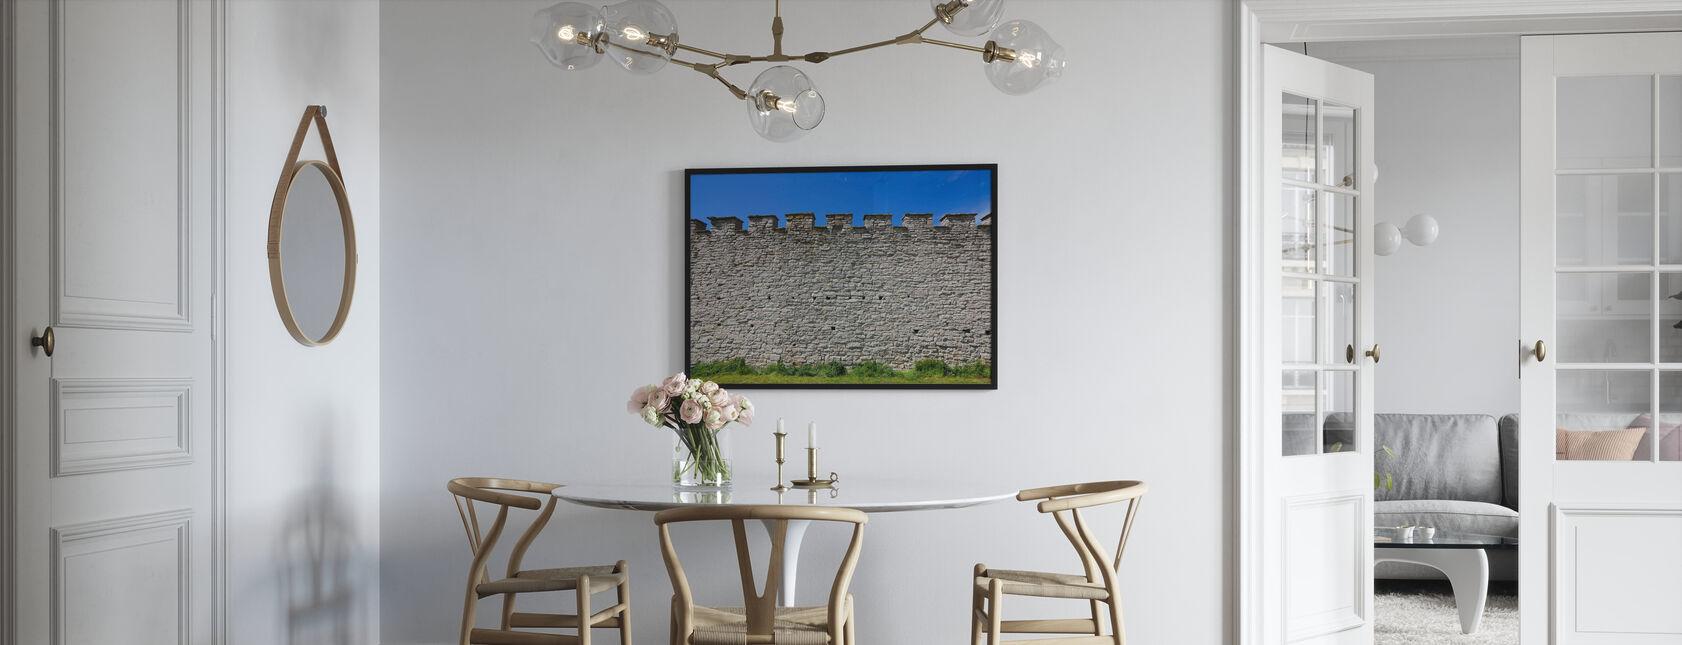 Vanha linnoitusmuuri - Kehystetty kuva - Keittiö